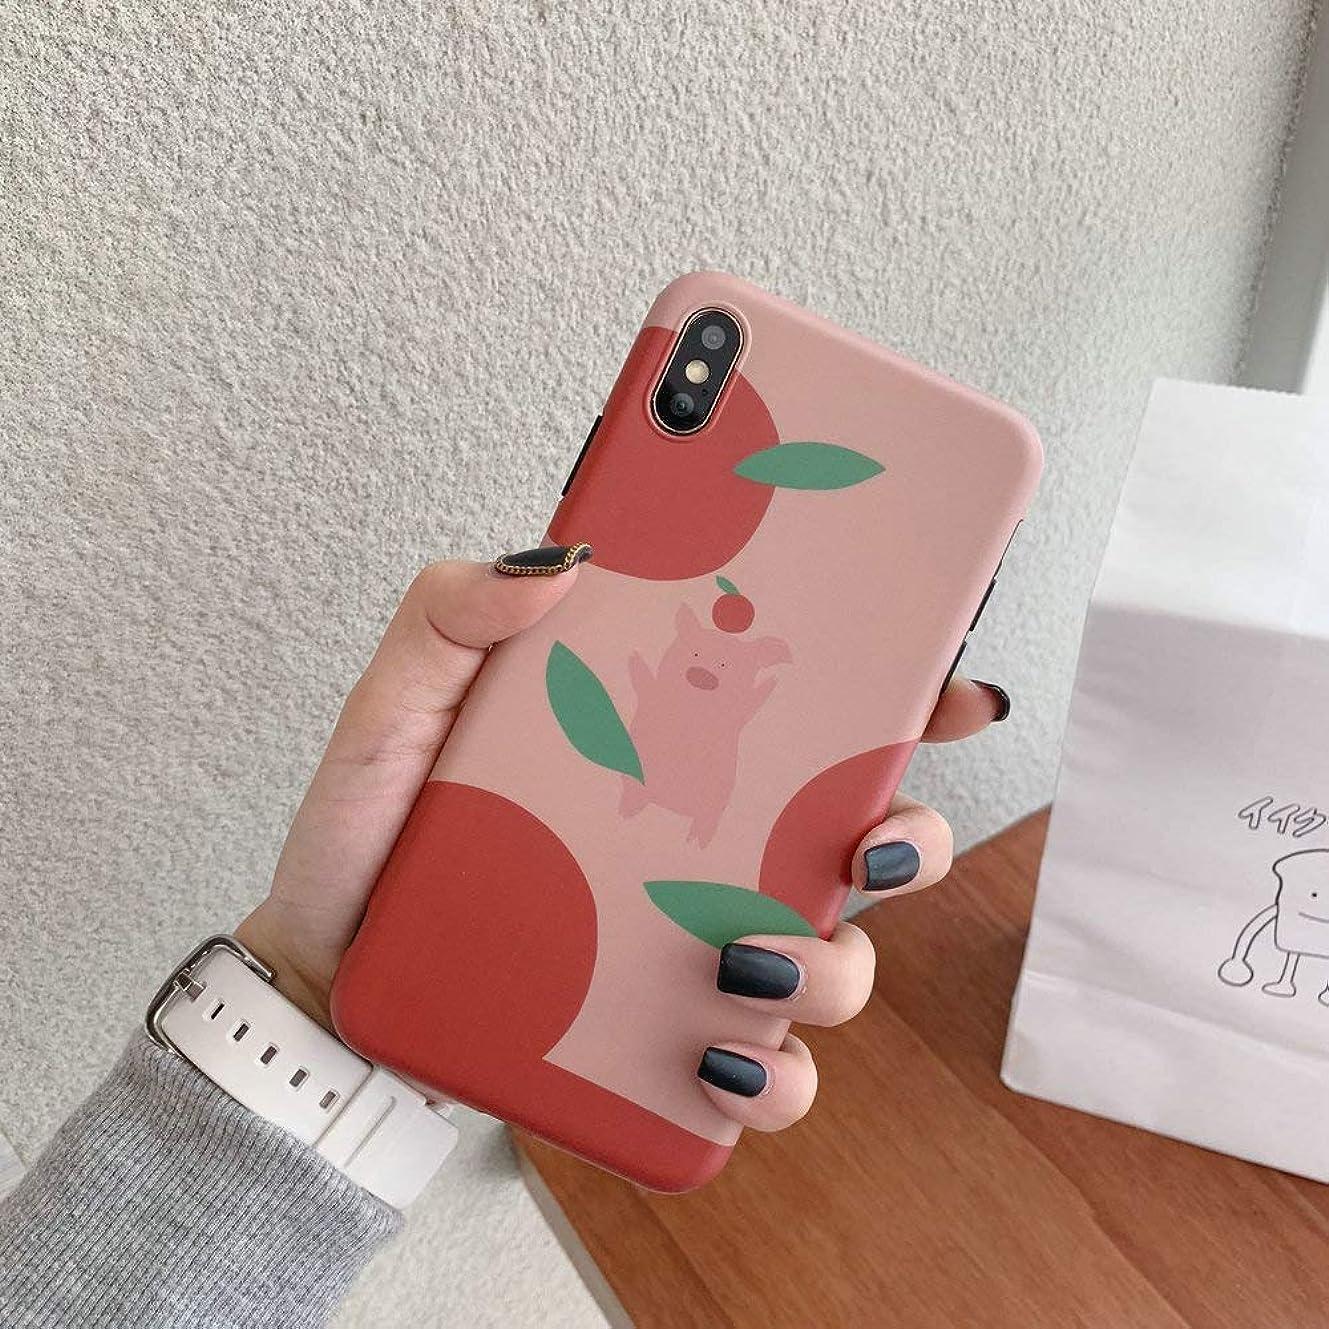 殺人者置換ご飯iPhone ケース レディース メンズ 携帯ケース iPhone7/8/7Plus/8Plus,iPhone X/XR,iPhoneXS/XS MAX (iPhone8 ケース)